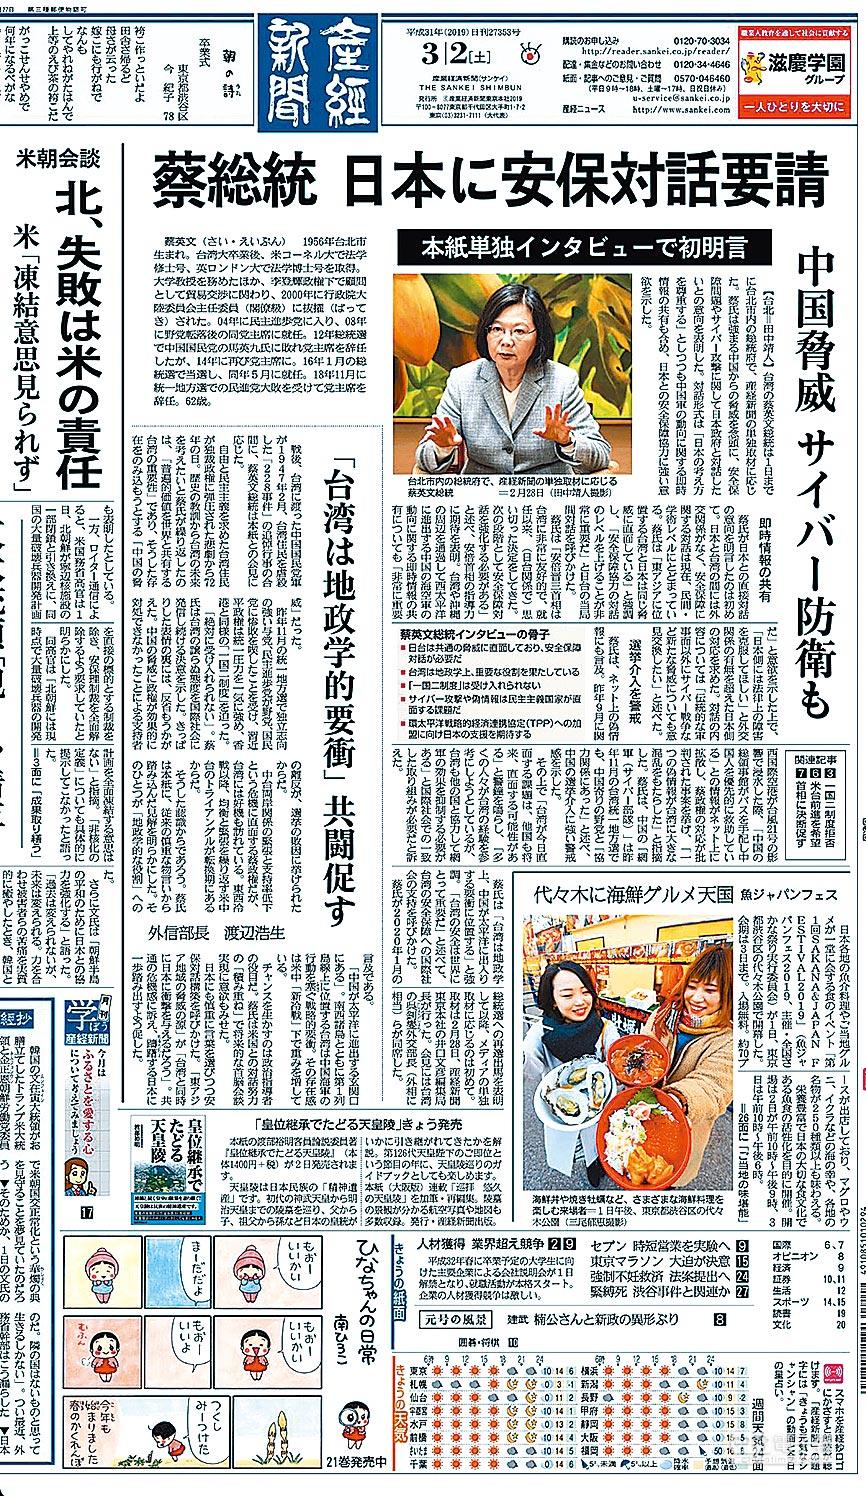 日本《產經新聞》2日以大篇幅刊載蔡英文總統的獨家專訪。(翻拍自《產經新聞》電子報)